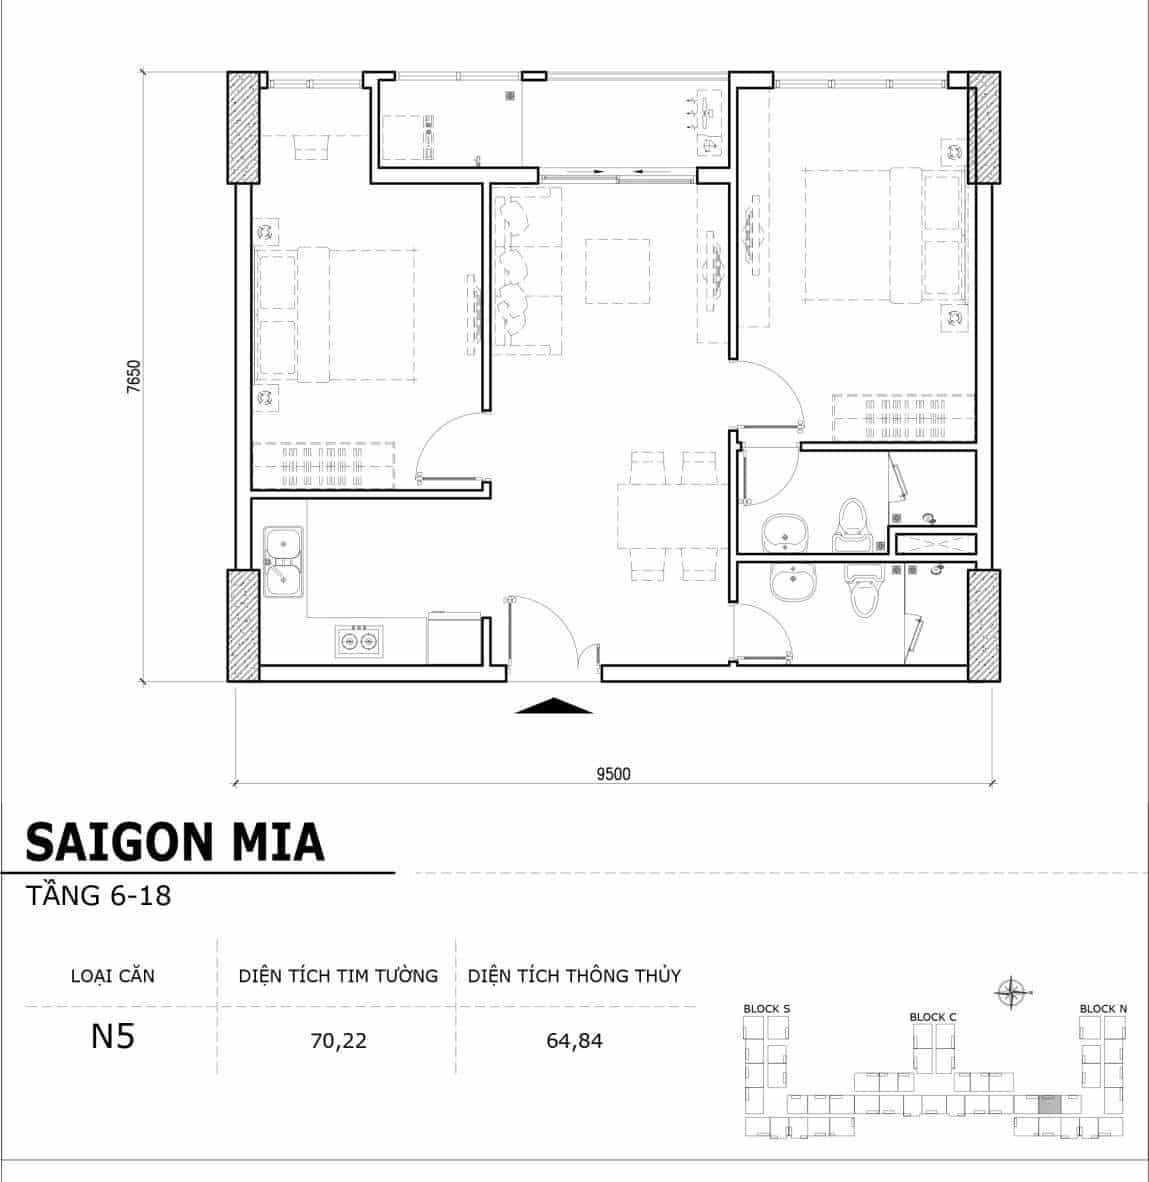 Chi tiết thiết kế căn hộ điển hình tầng 6-18 dự án Sài Gòn Mia - Căn N5